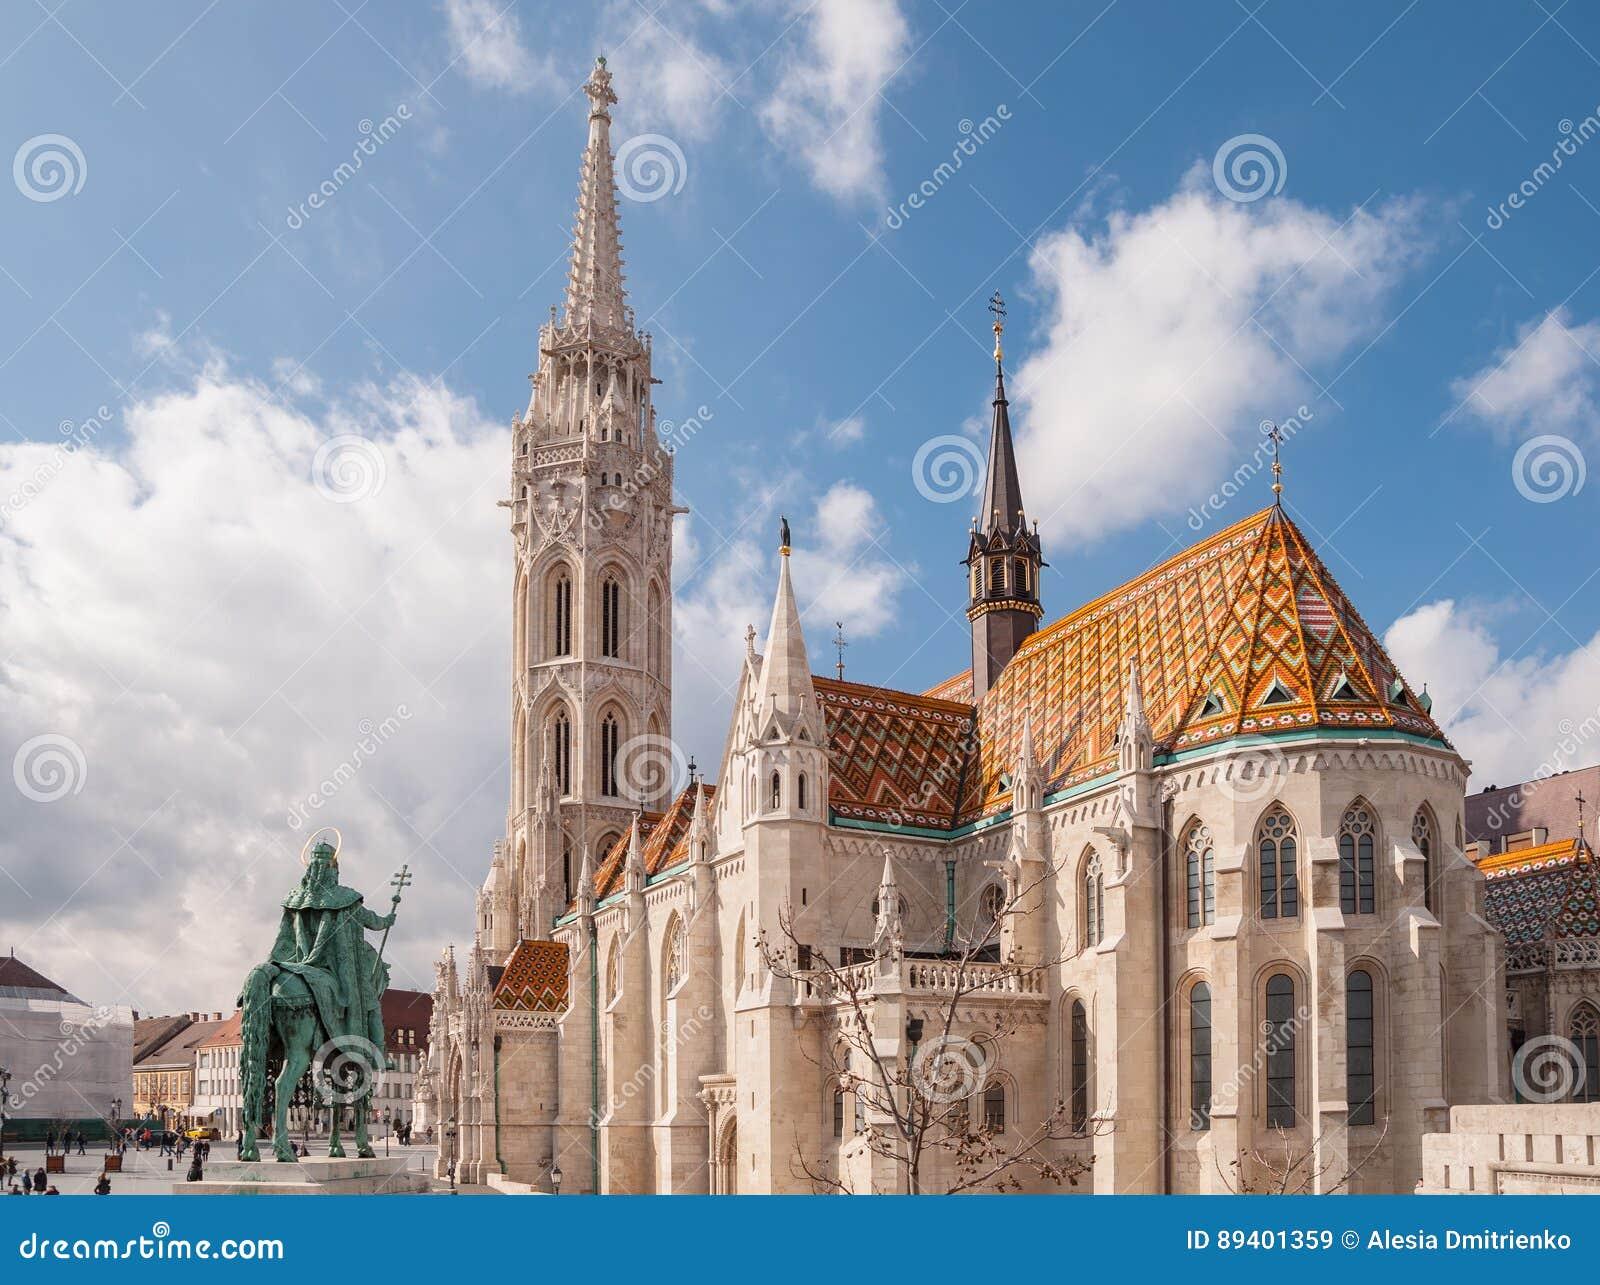 Matthias Church é uma igreja católica romana situada em Budapest, Hungria